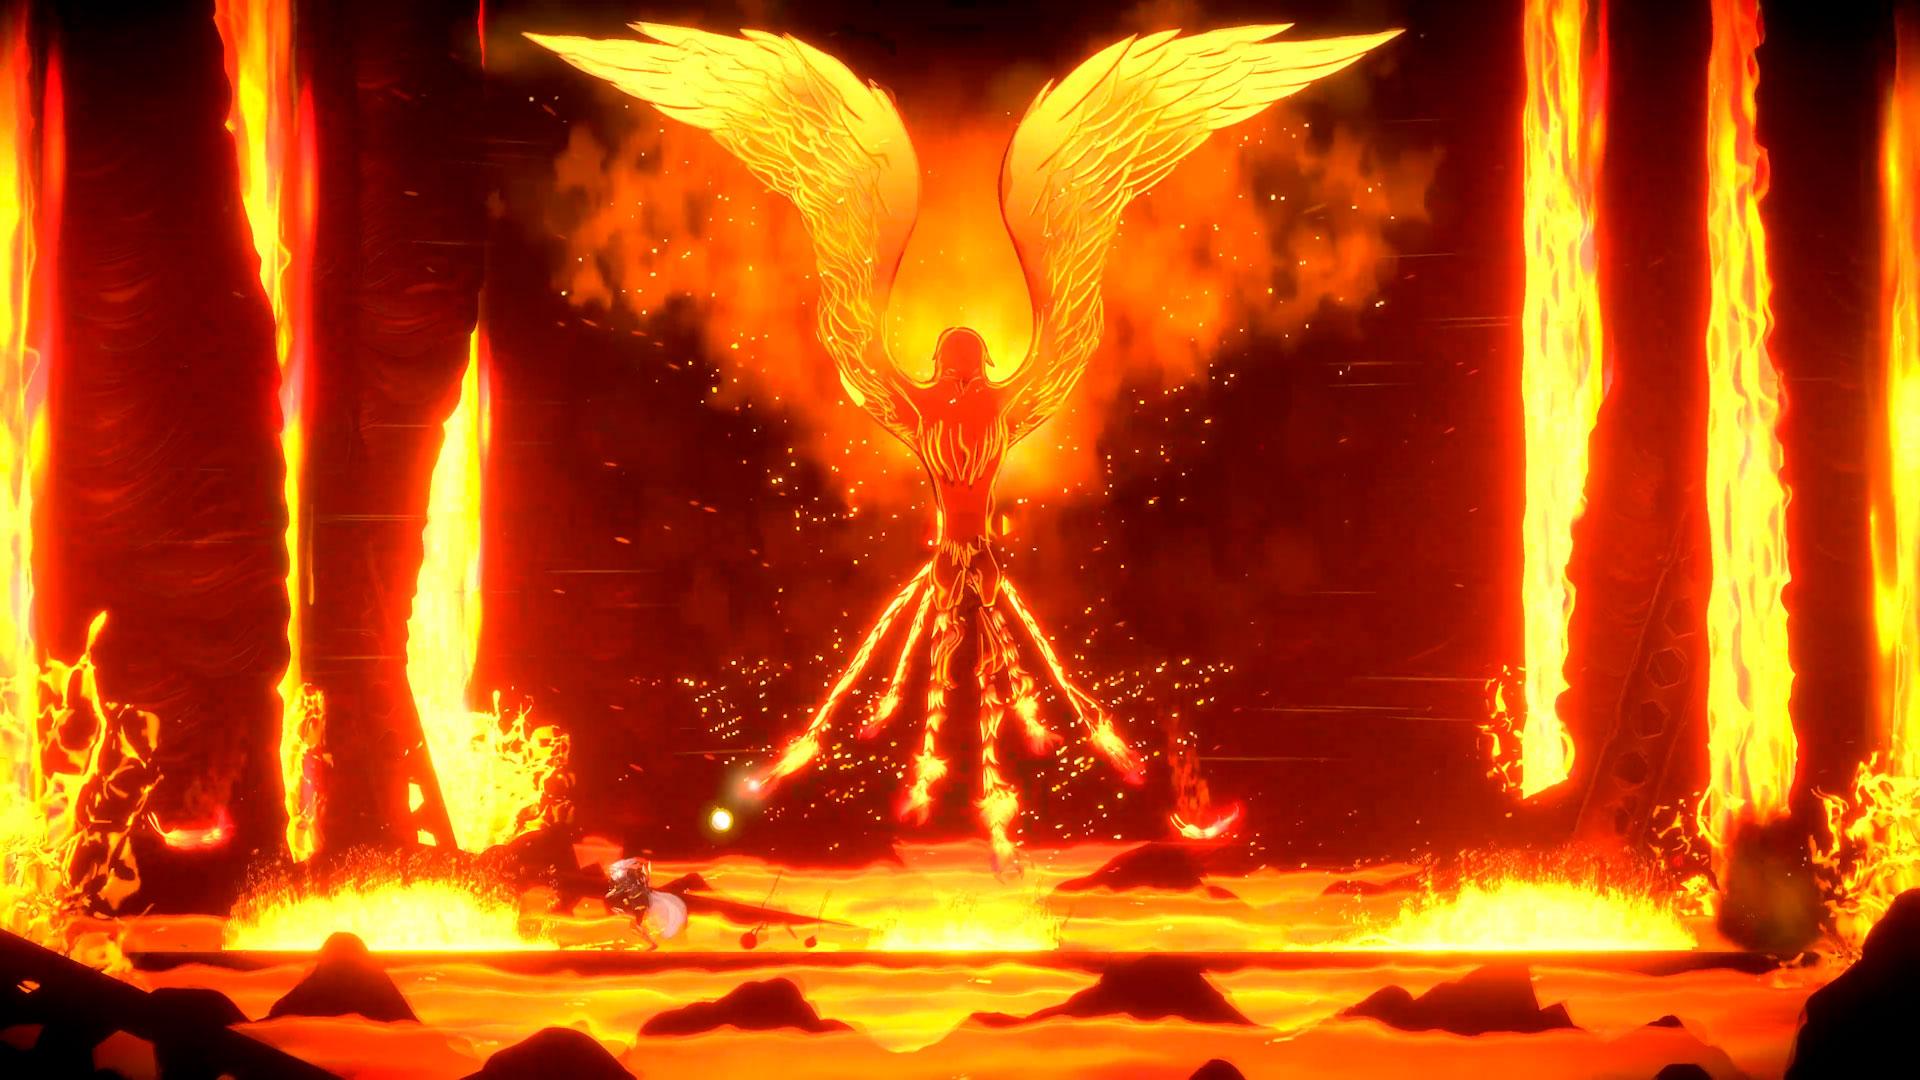 Aeterna Noctis desvela su fecha de lanzamiento, doblaje al castellano y  nuevo gameplay en PS5 - HobbyConsolas Juegos